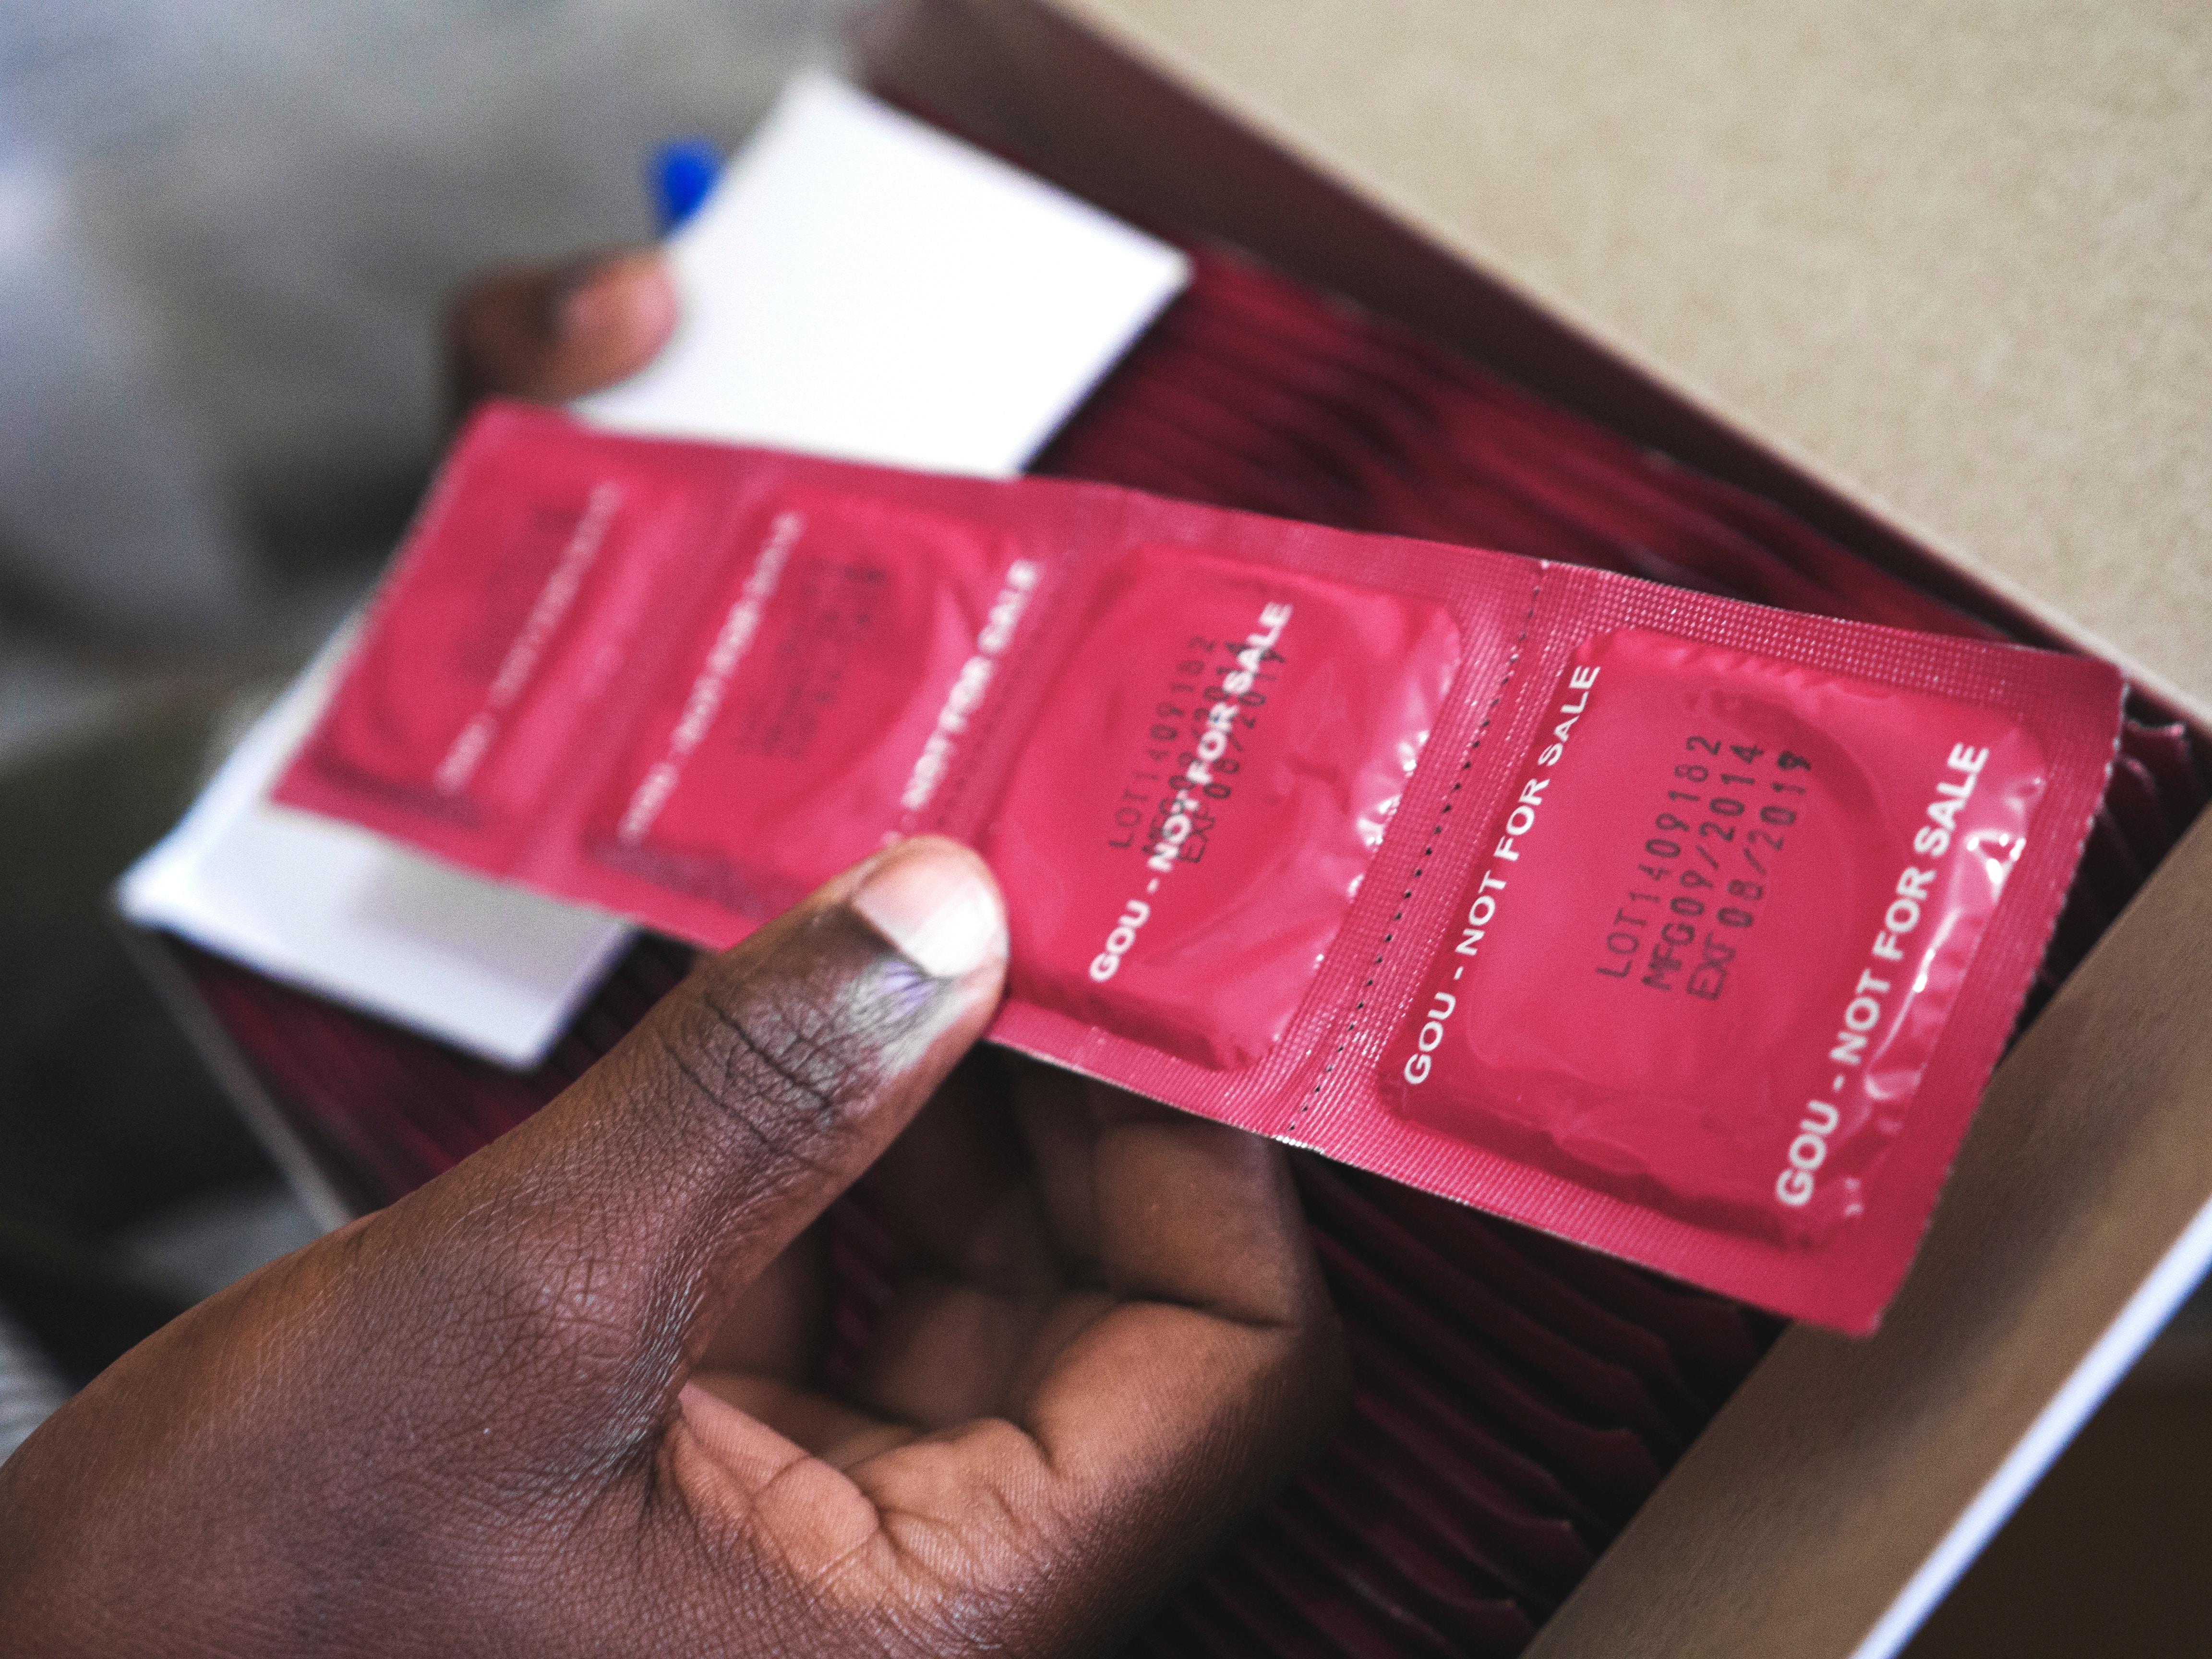 Uganda ruft eine Million fehlerhafte Kondome zurück